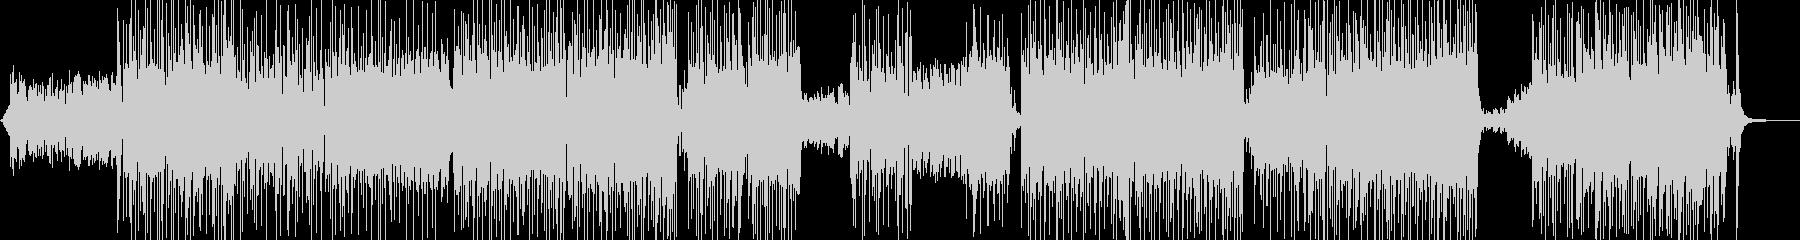 胸キュン・メルヘンな映像に 長尺★+の未再生の波形